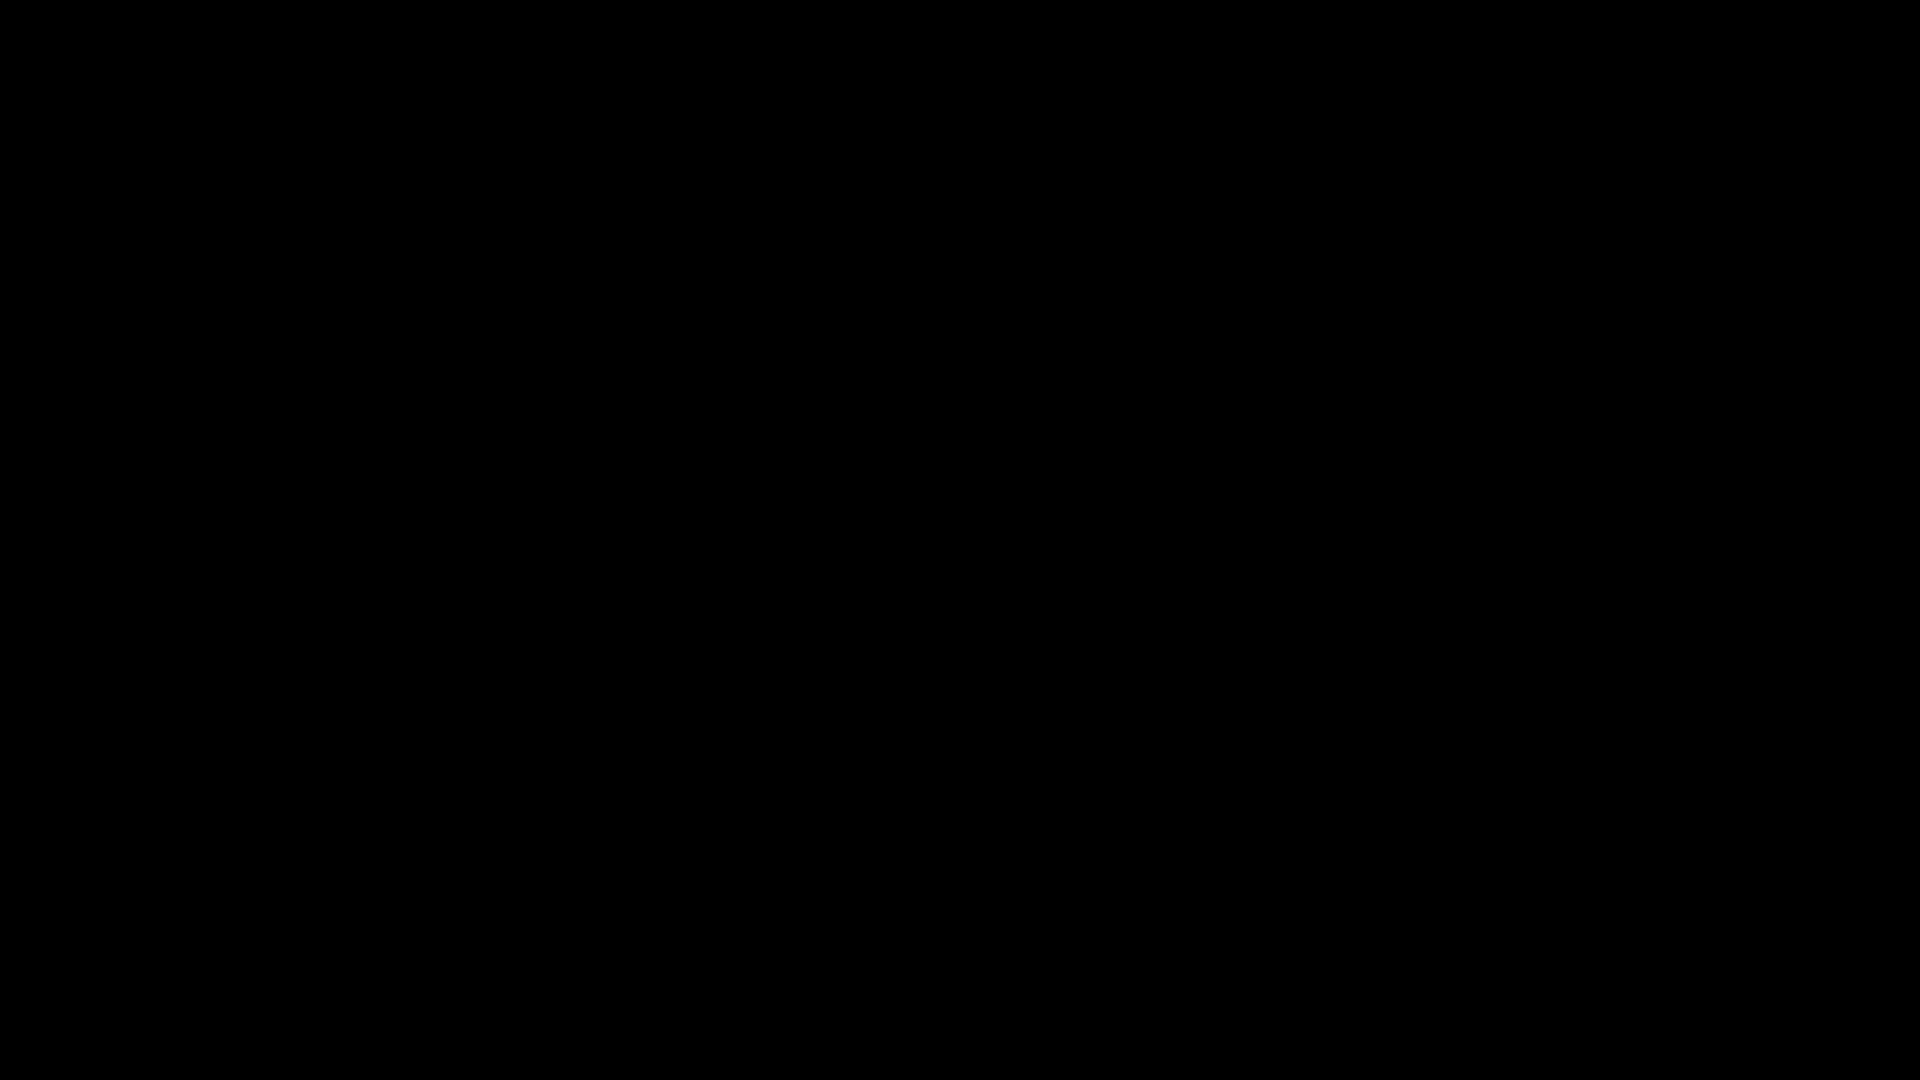 【雛形(ひな型)】プライバシーポリシー書き方テンプレート使用OK!解説とCookie削除の仕方